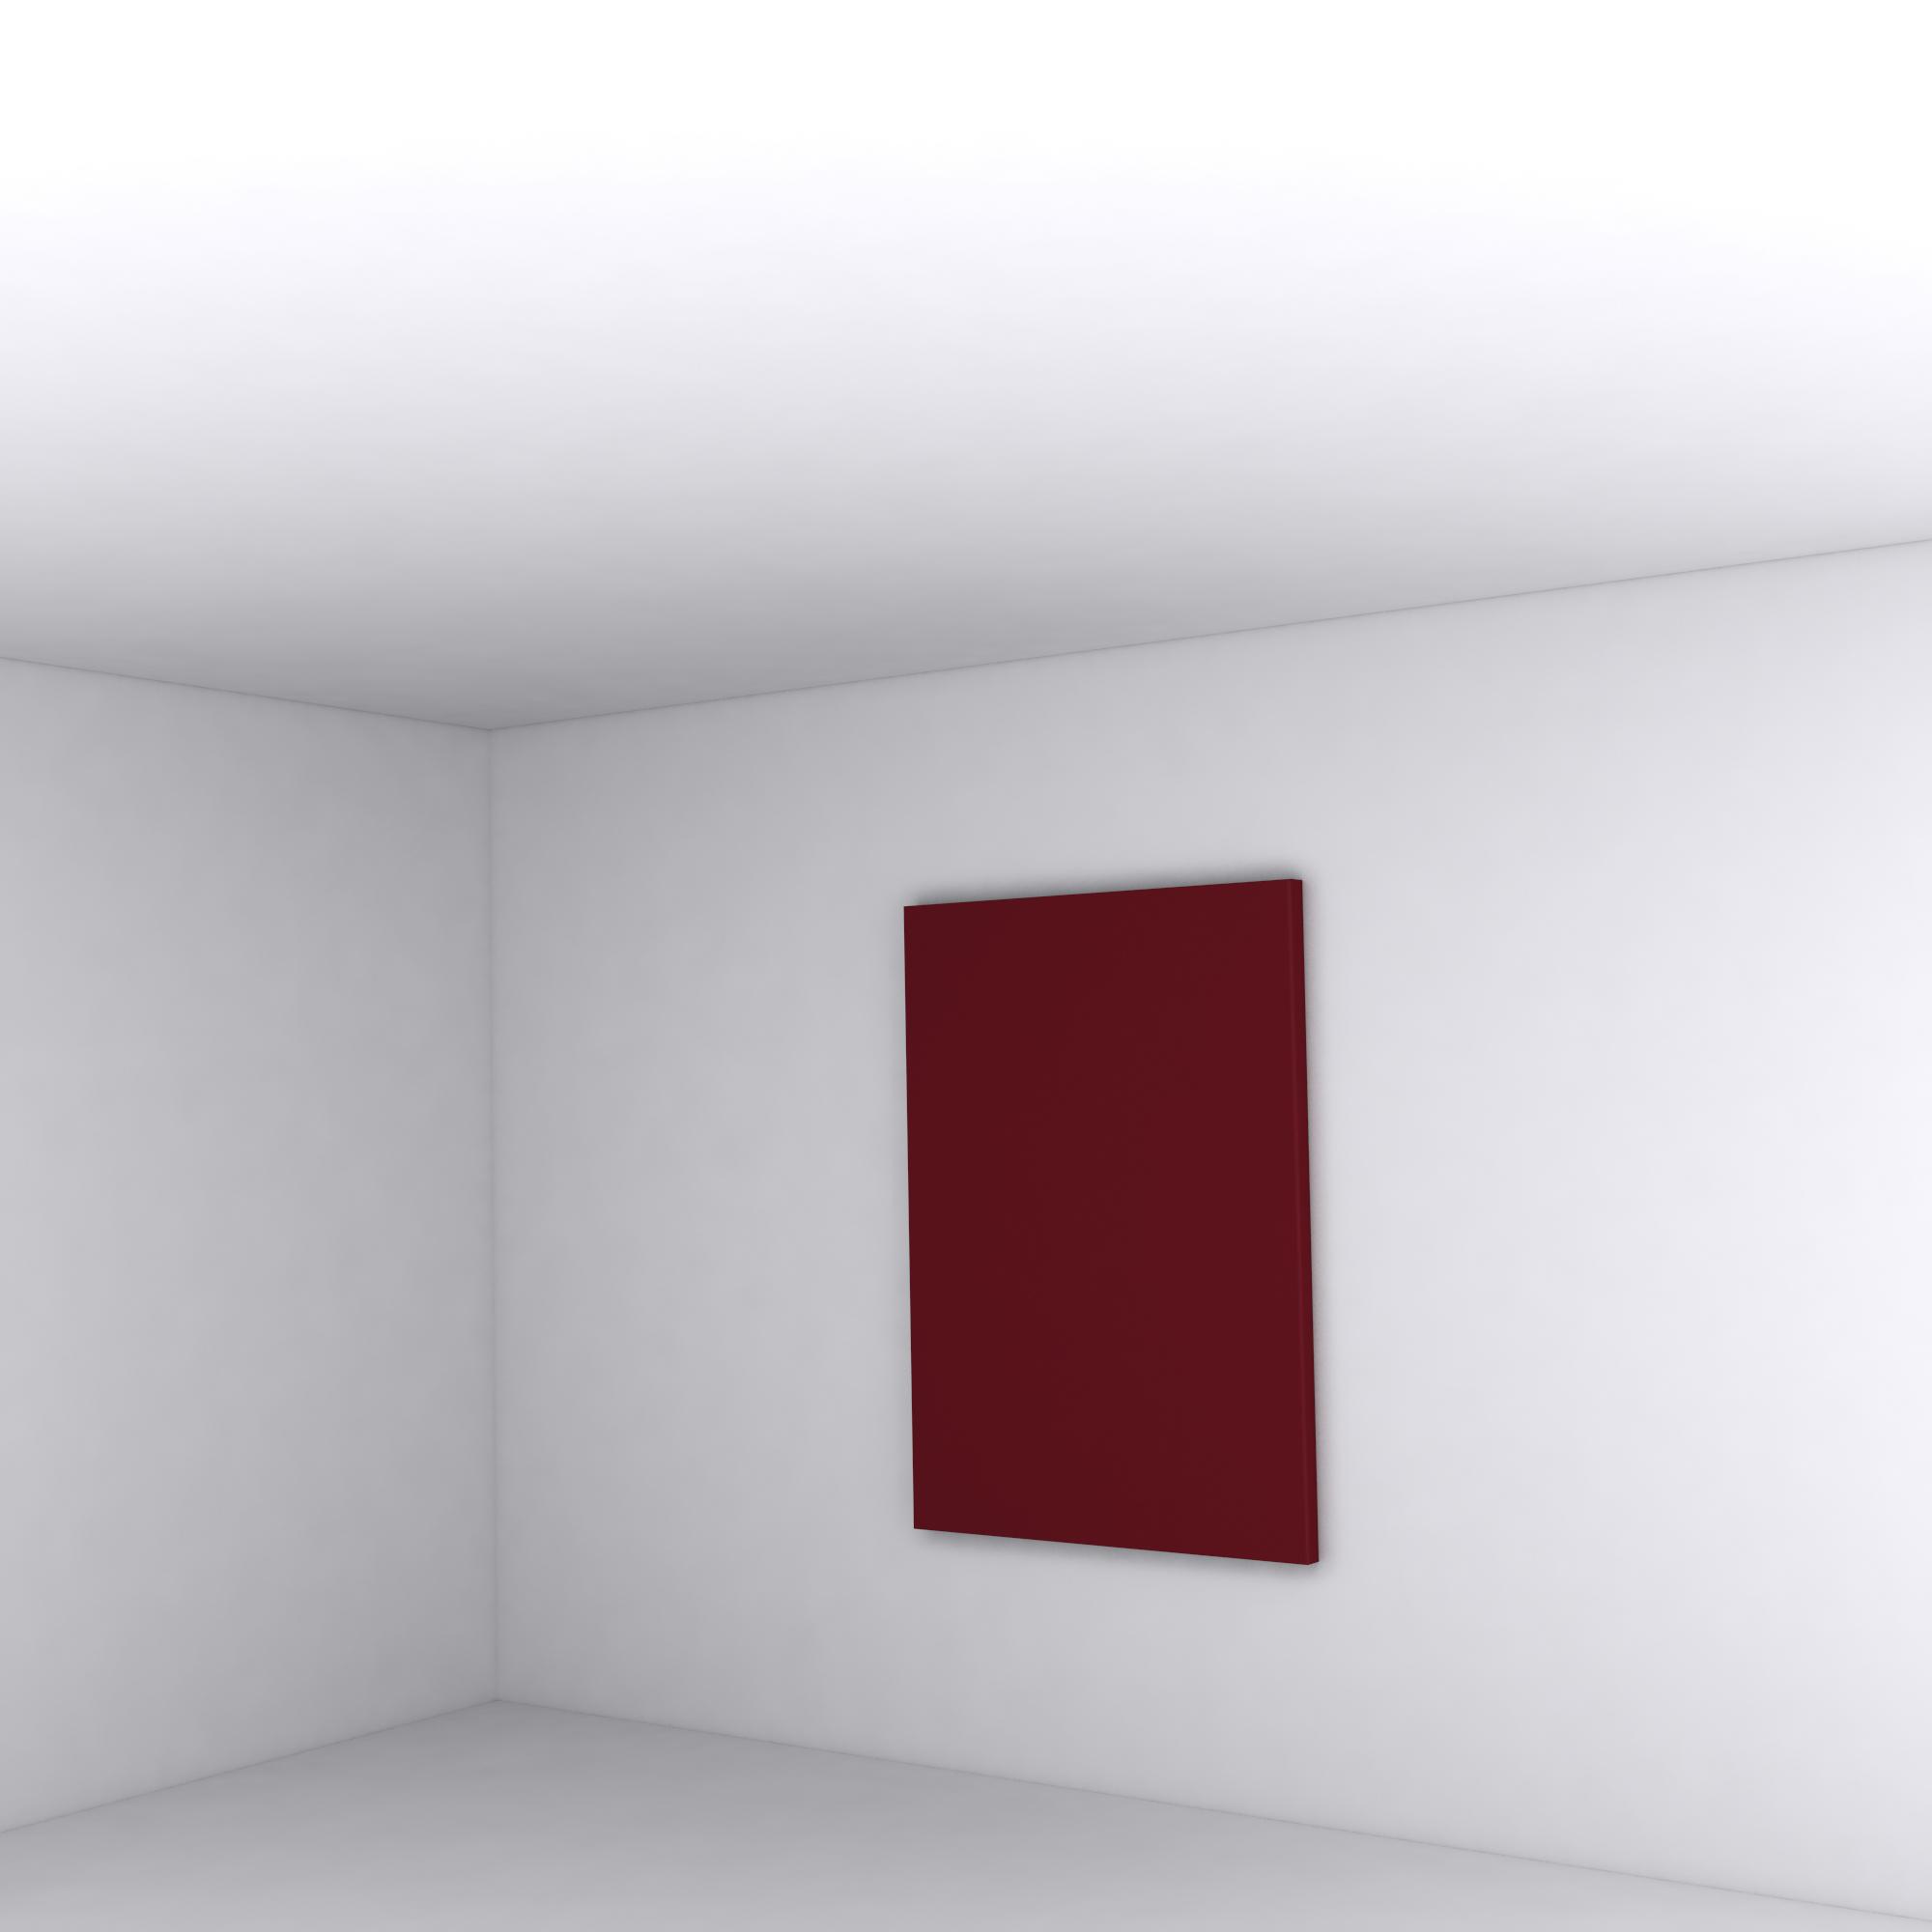 cadres acoustiques une face arcolis. Black Bedroom Furniture Sets. Home Design Ideas